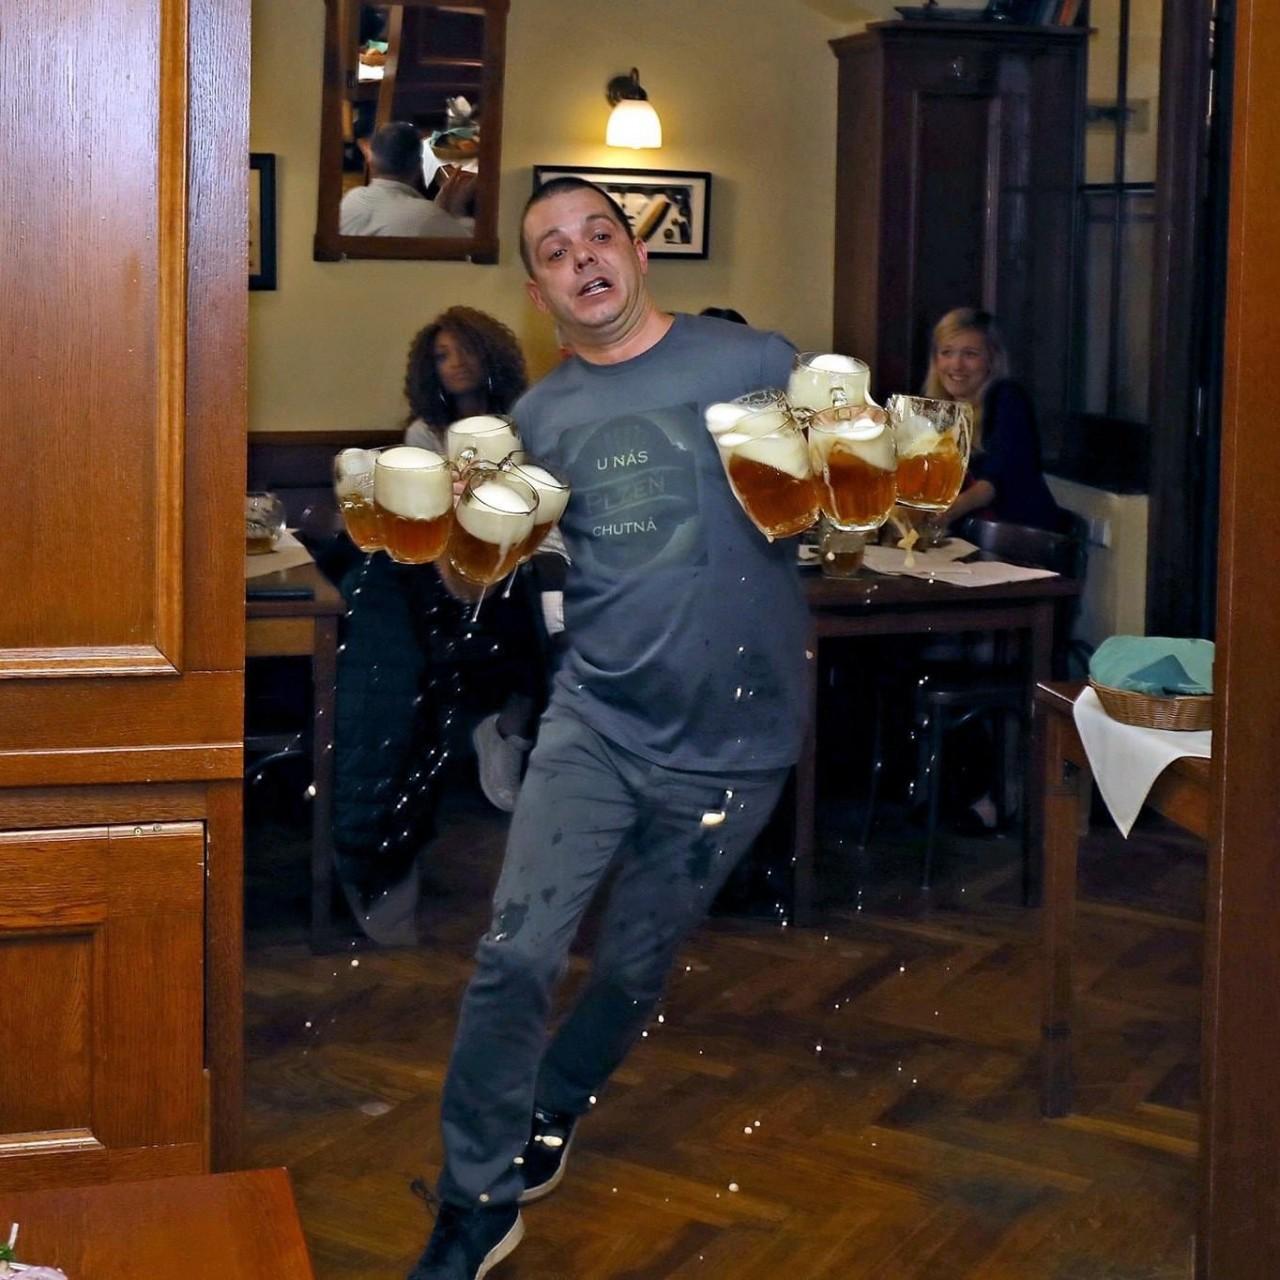 Традиционный забег официантов с пивом в пражском ресторане U Pinkasů. Фотограф Ричард Дворжак